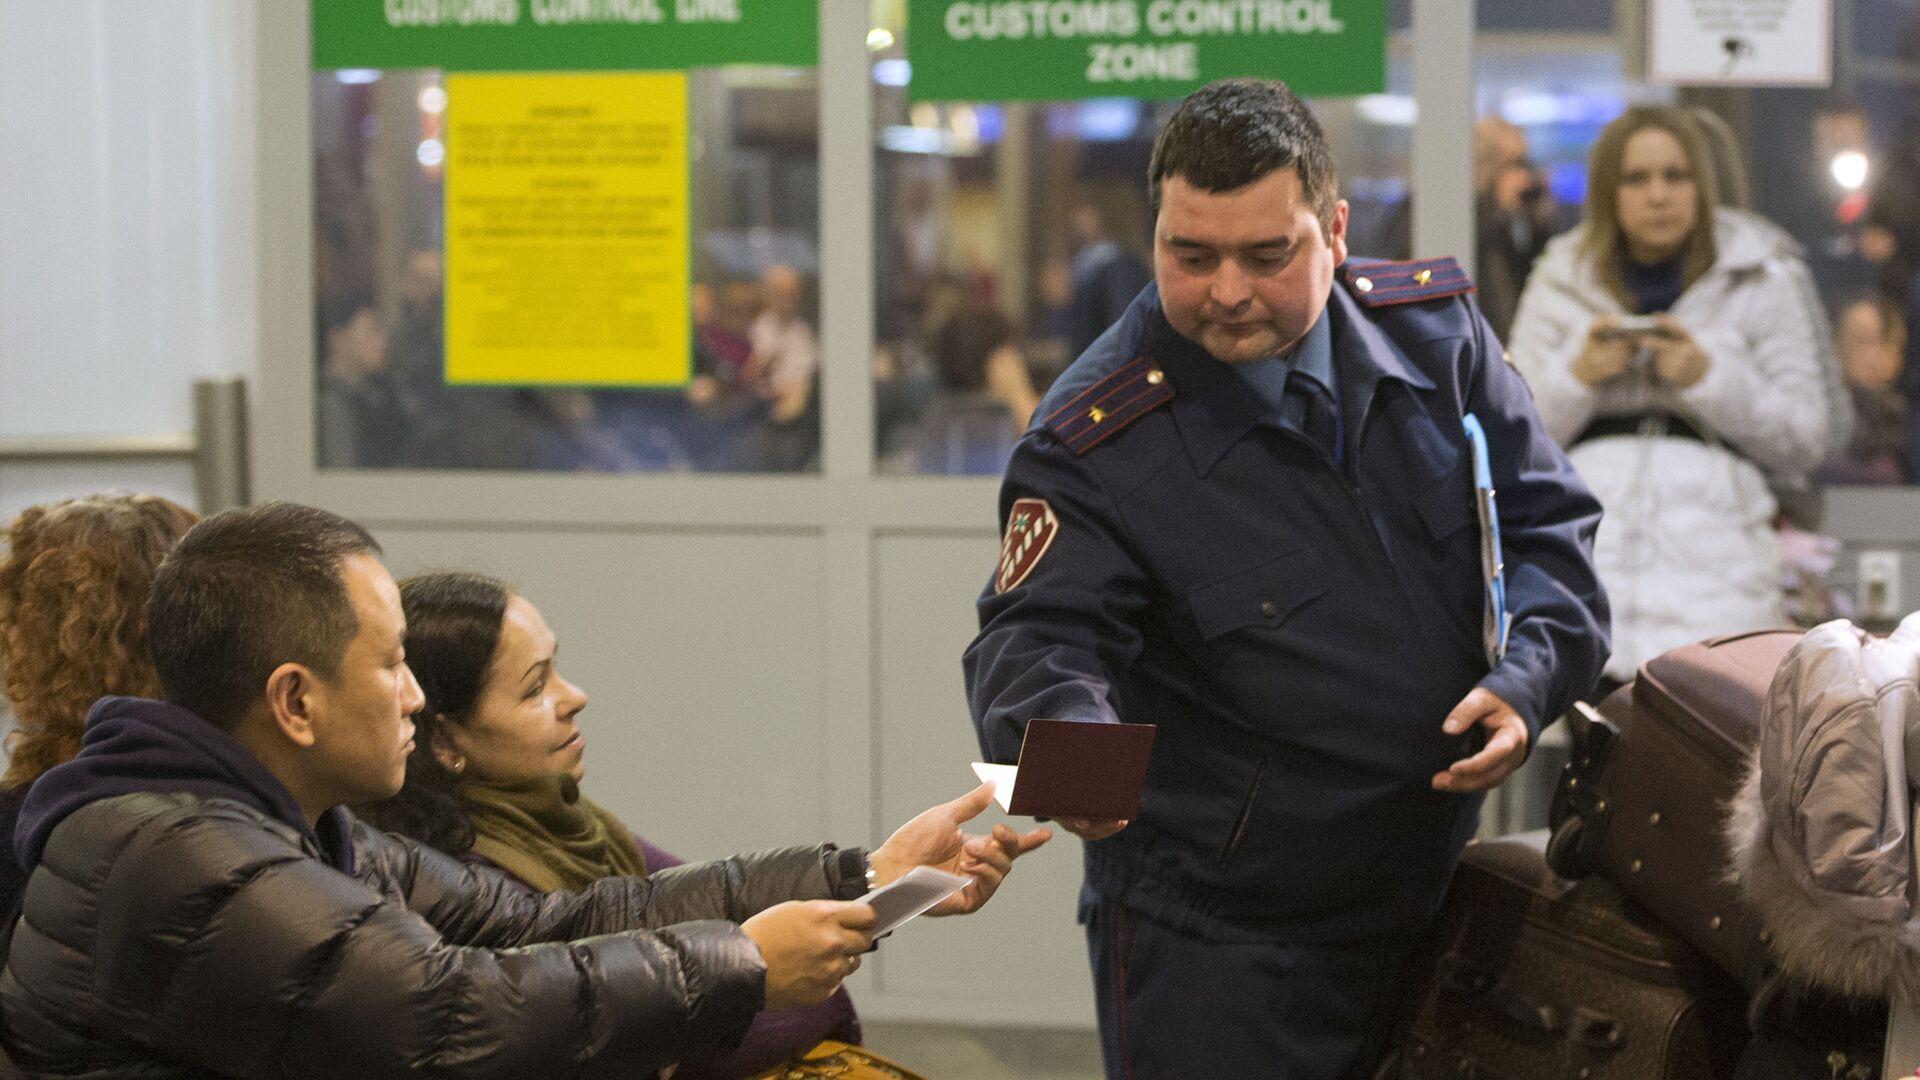 Проверка документов в аэропорту  - Sputnik Таджикистан, 1920, 06.09.2021